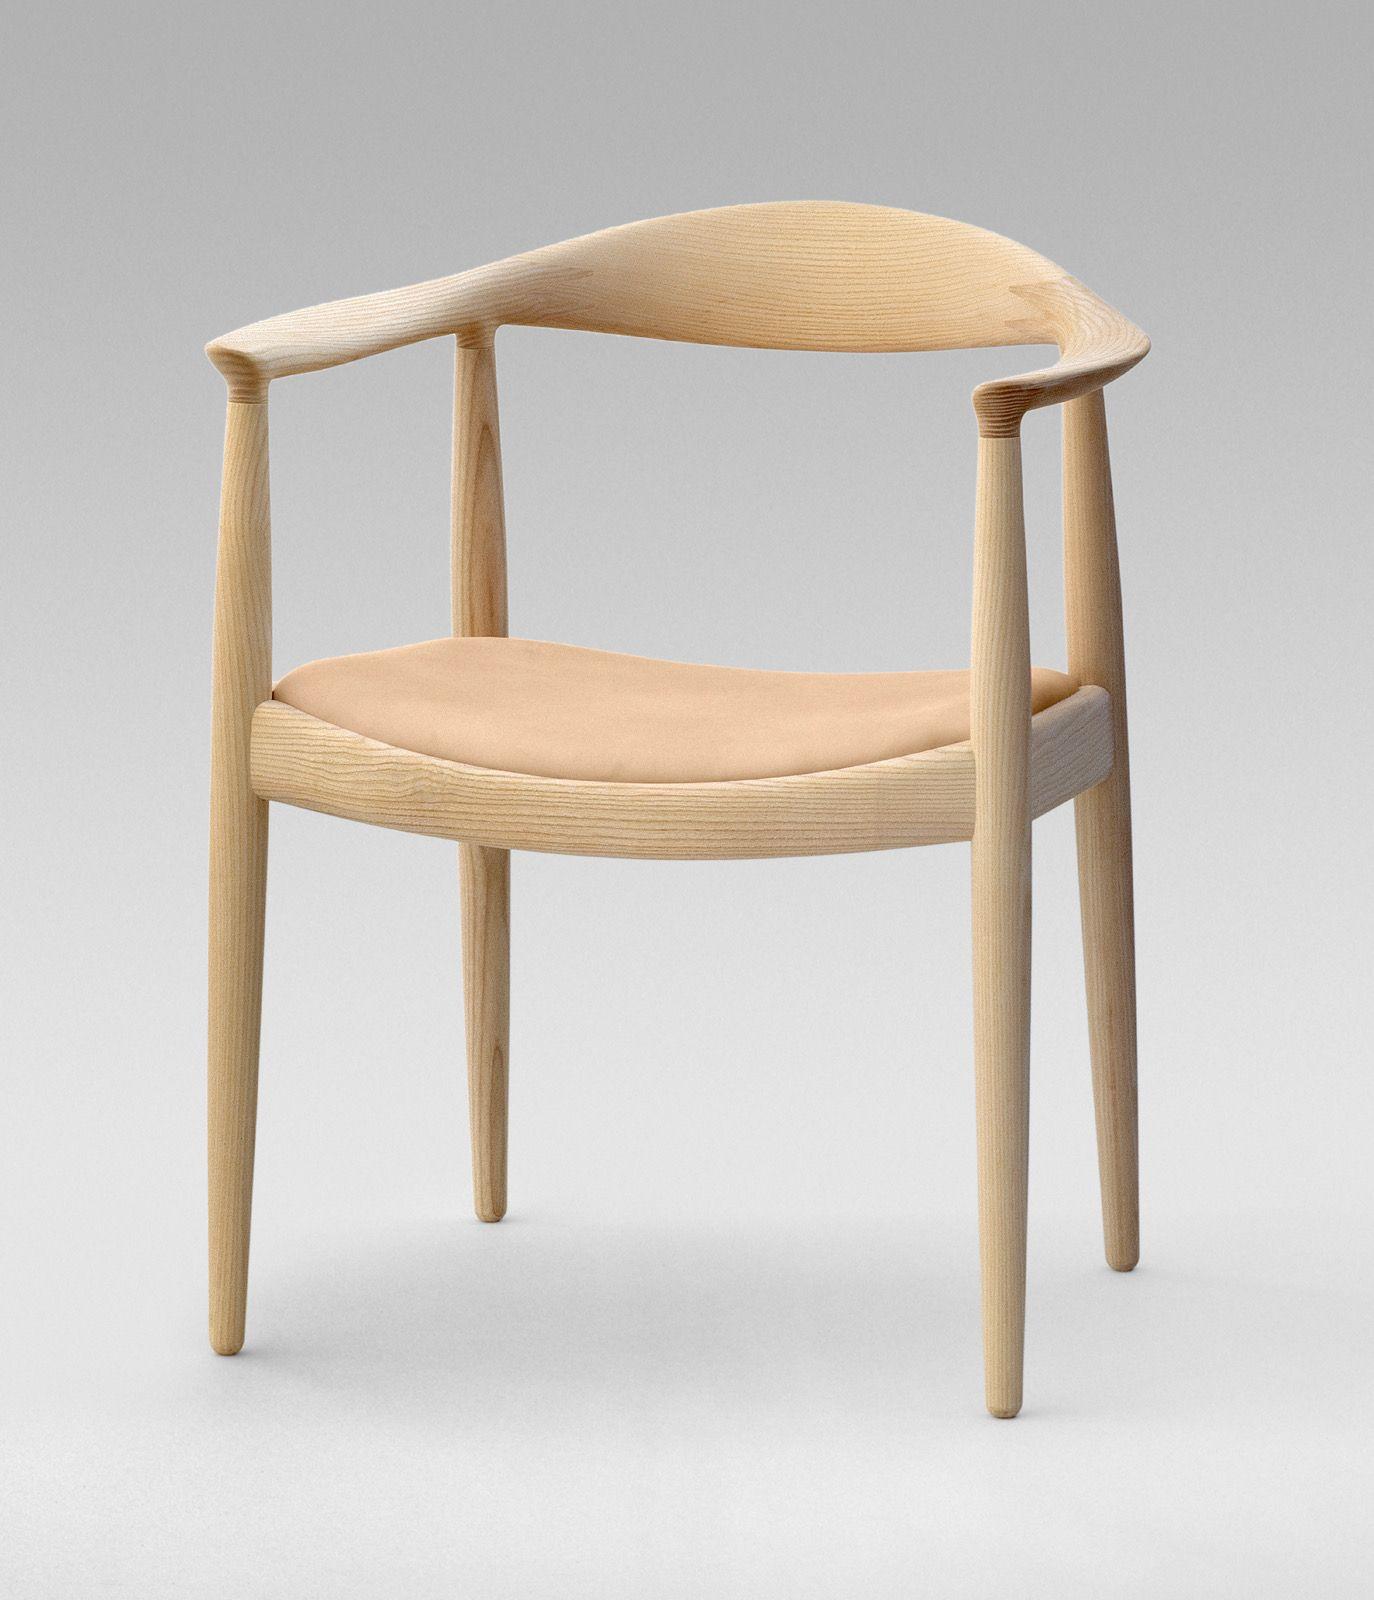 Pp Mobler Pp501Pp503 Round Chair Designed By Hans J Wegner